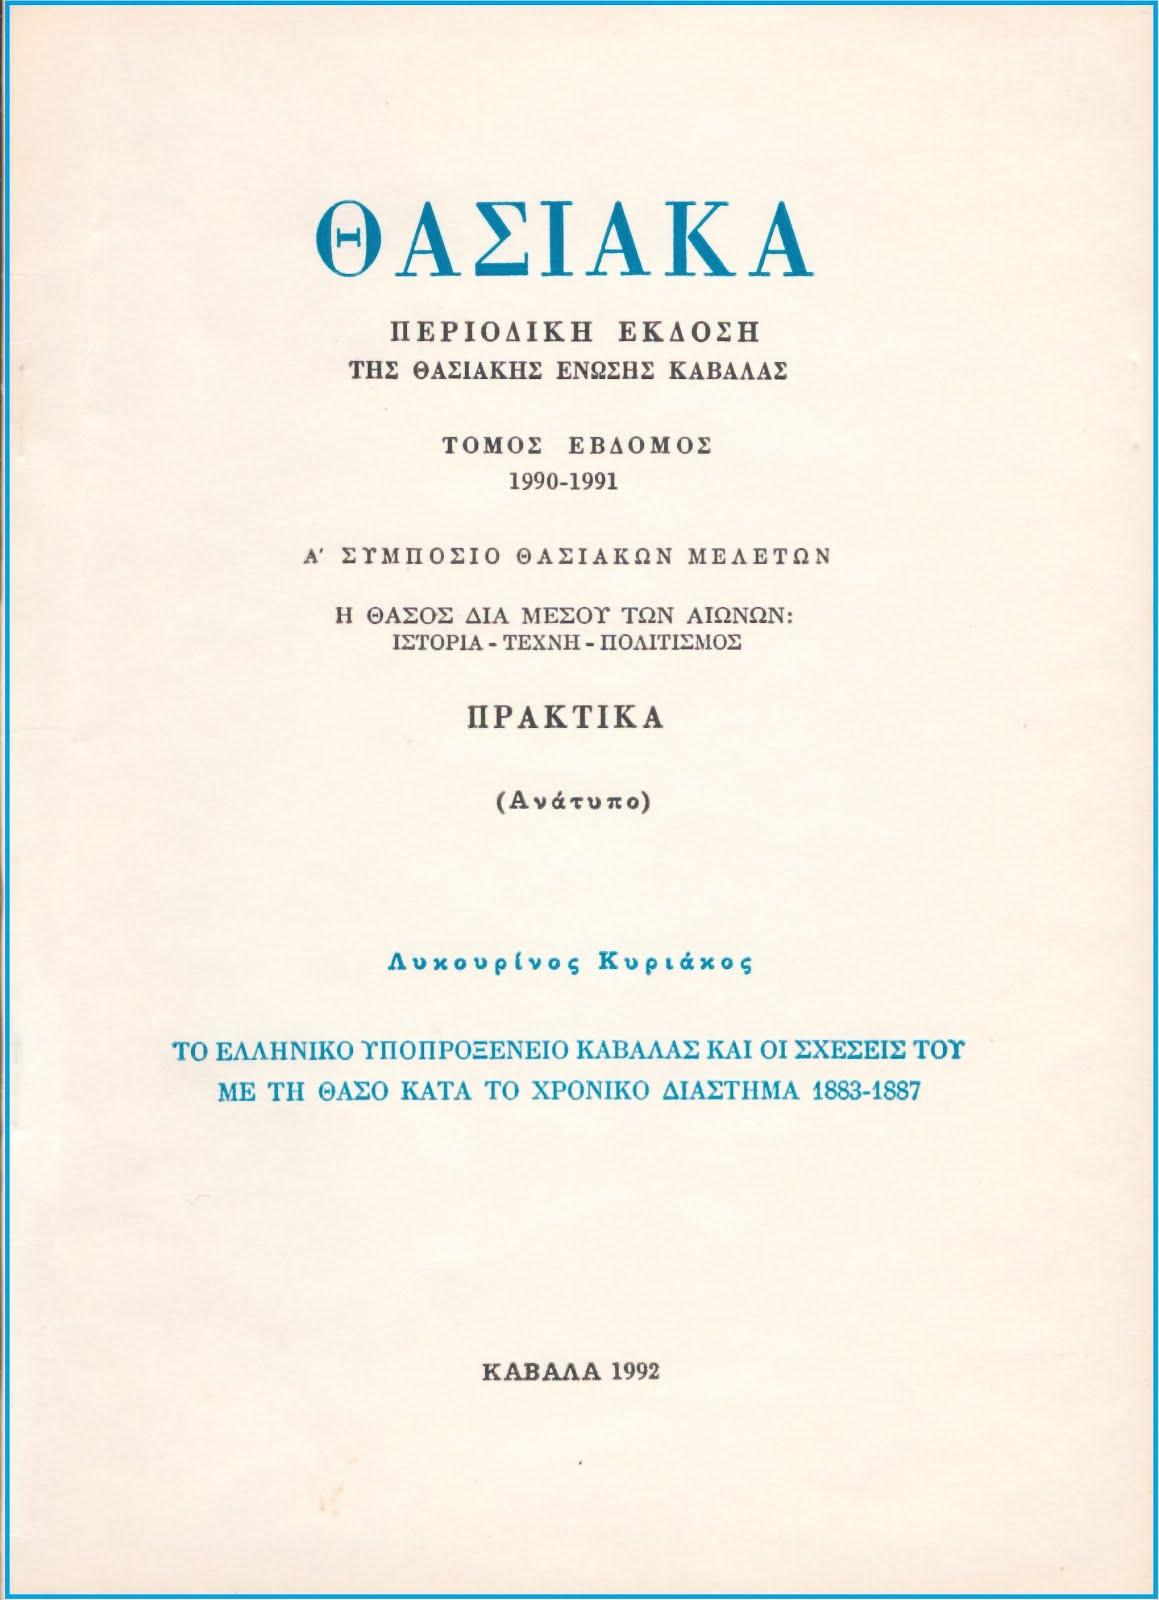 Το Ελληνικό Υποπροξενείο Καβάλας και οι σχέσεις του με τη Θάσο..., 1880-1887, σελ. 115-136